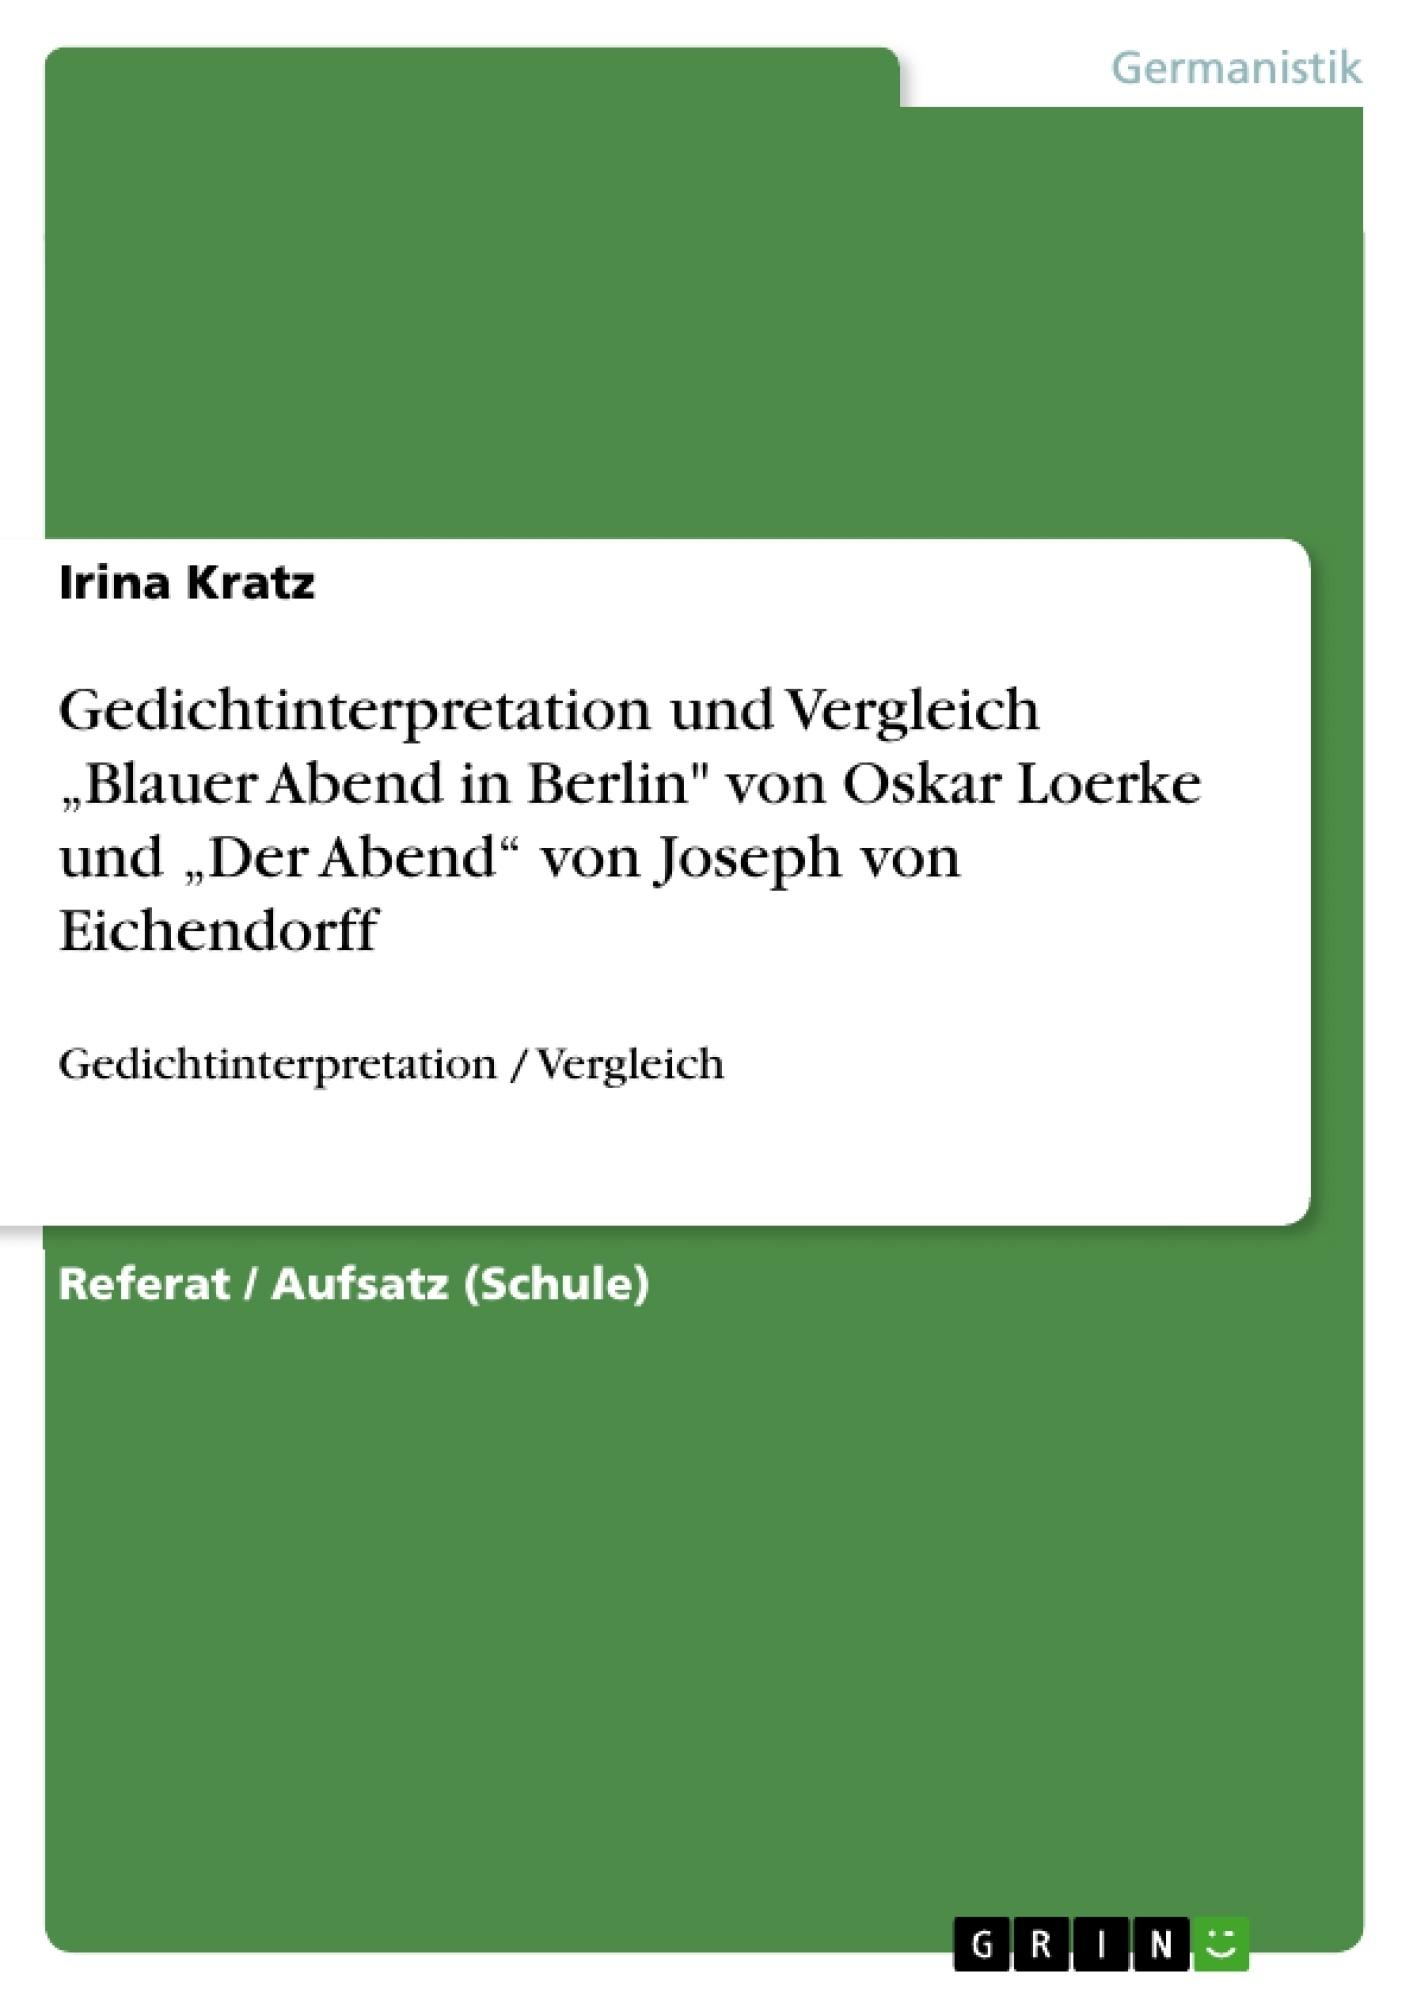 """Titel: Gedichtinterpretation und Vergleich  """"Blauer Abend in Berlin"""" von Oskar Loerke und """"Der Abend""""  von Joseph von Eichendorff"""